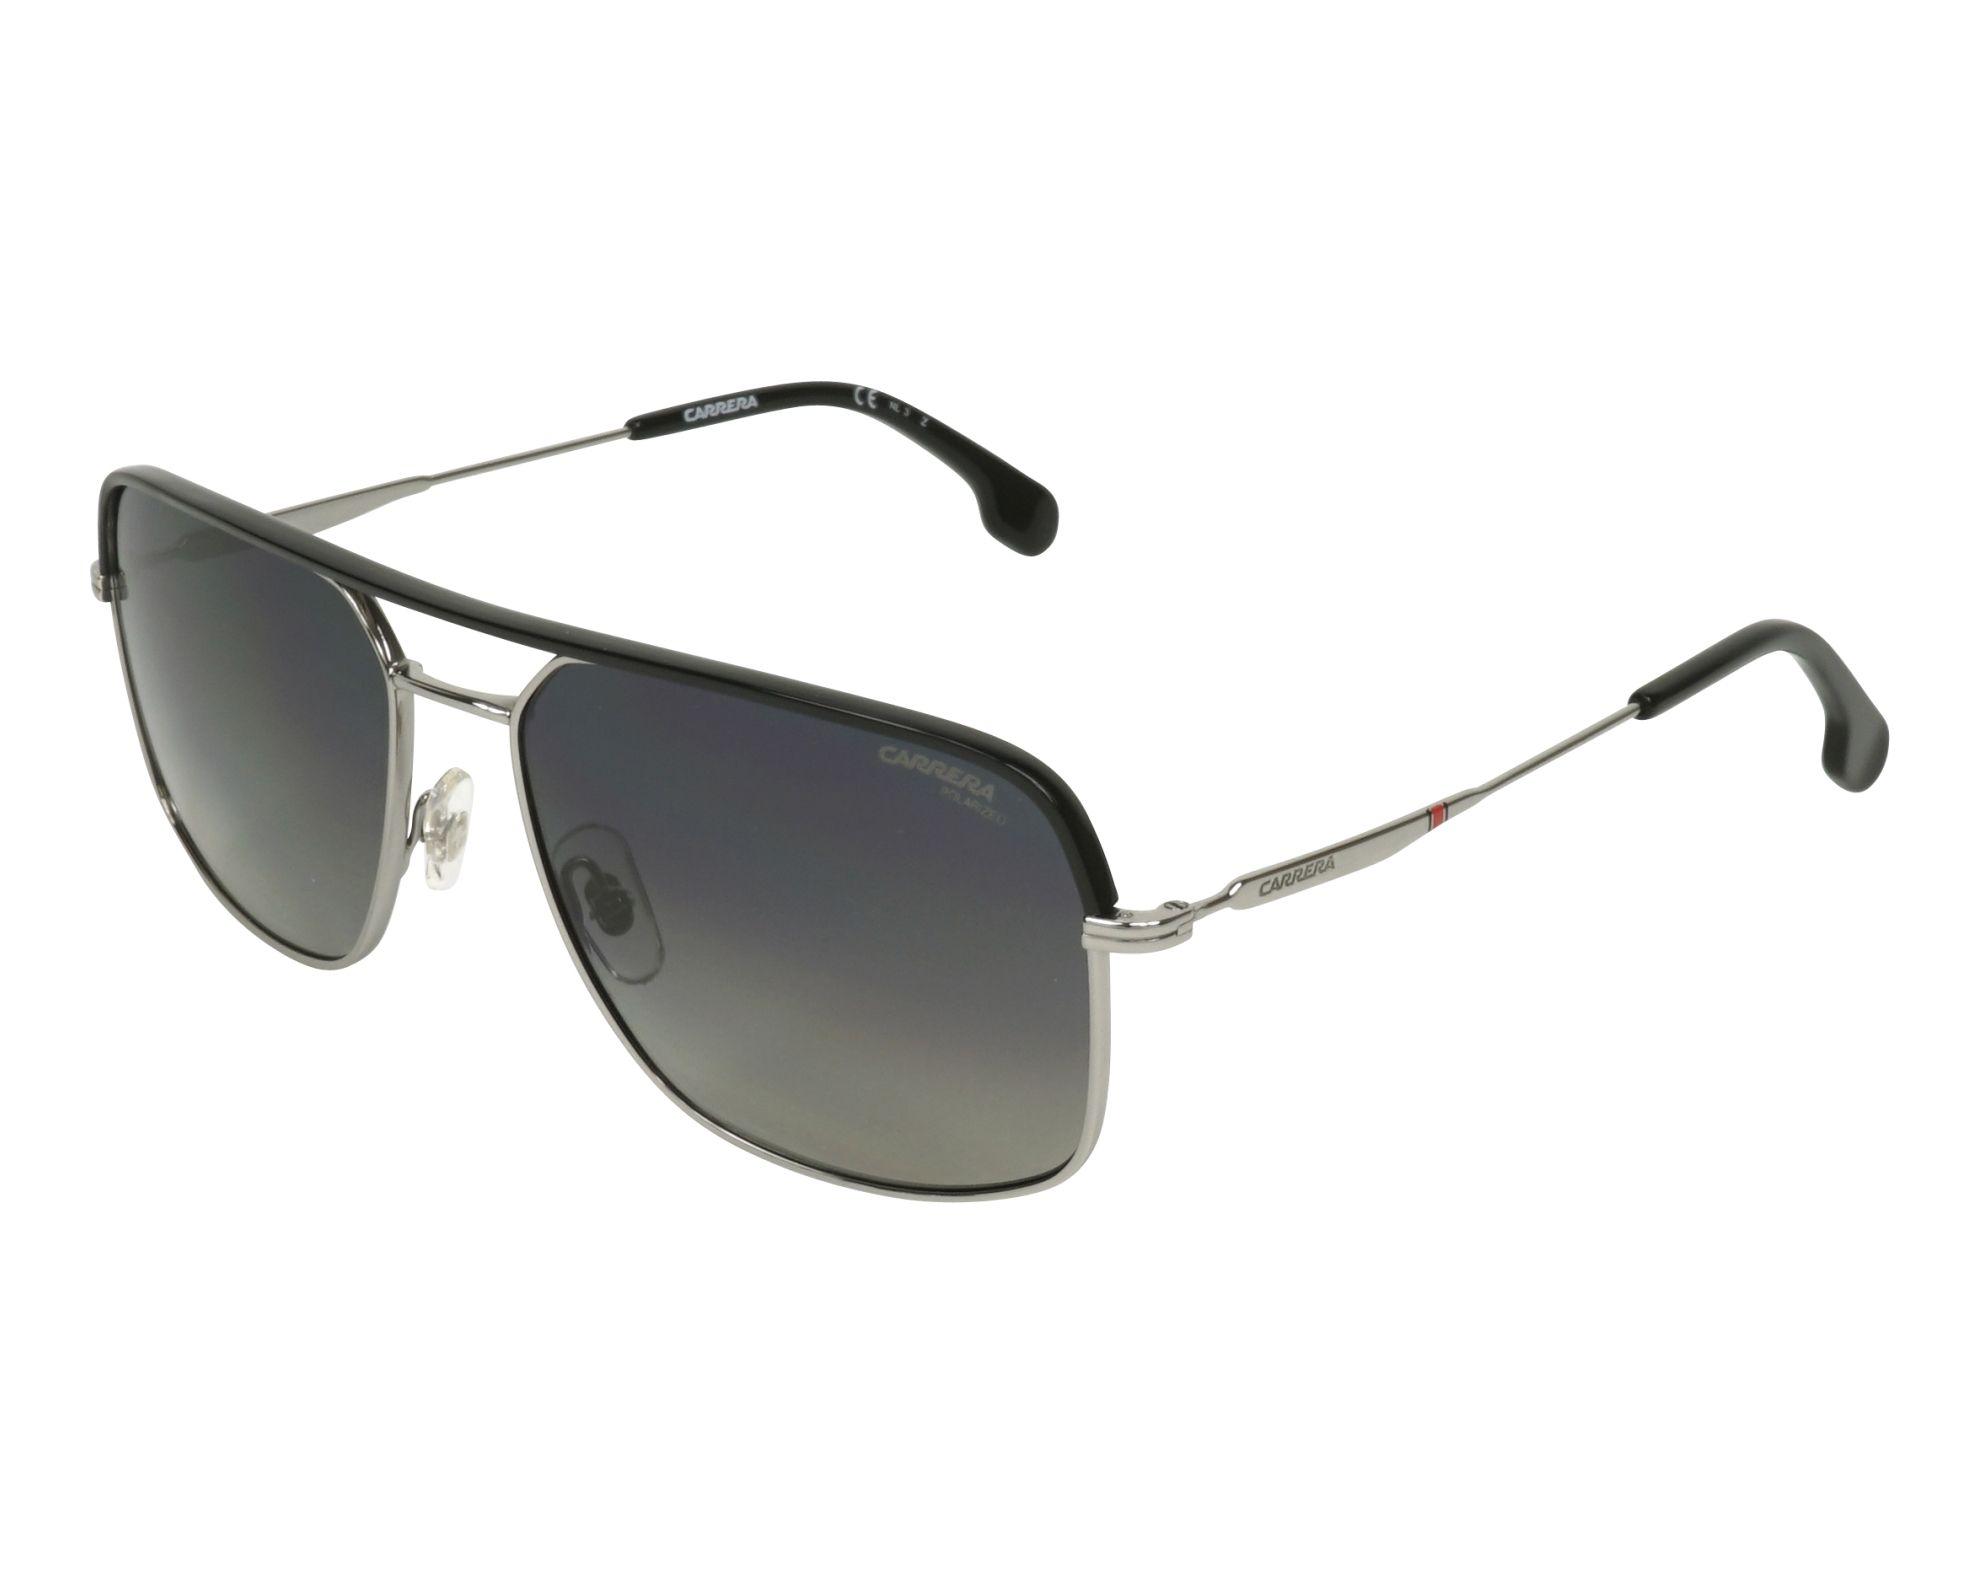 5019c26187ce29 Lunettes de soleil Carrera 152-S 85K WJ 60-17 Noir Argent vue